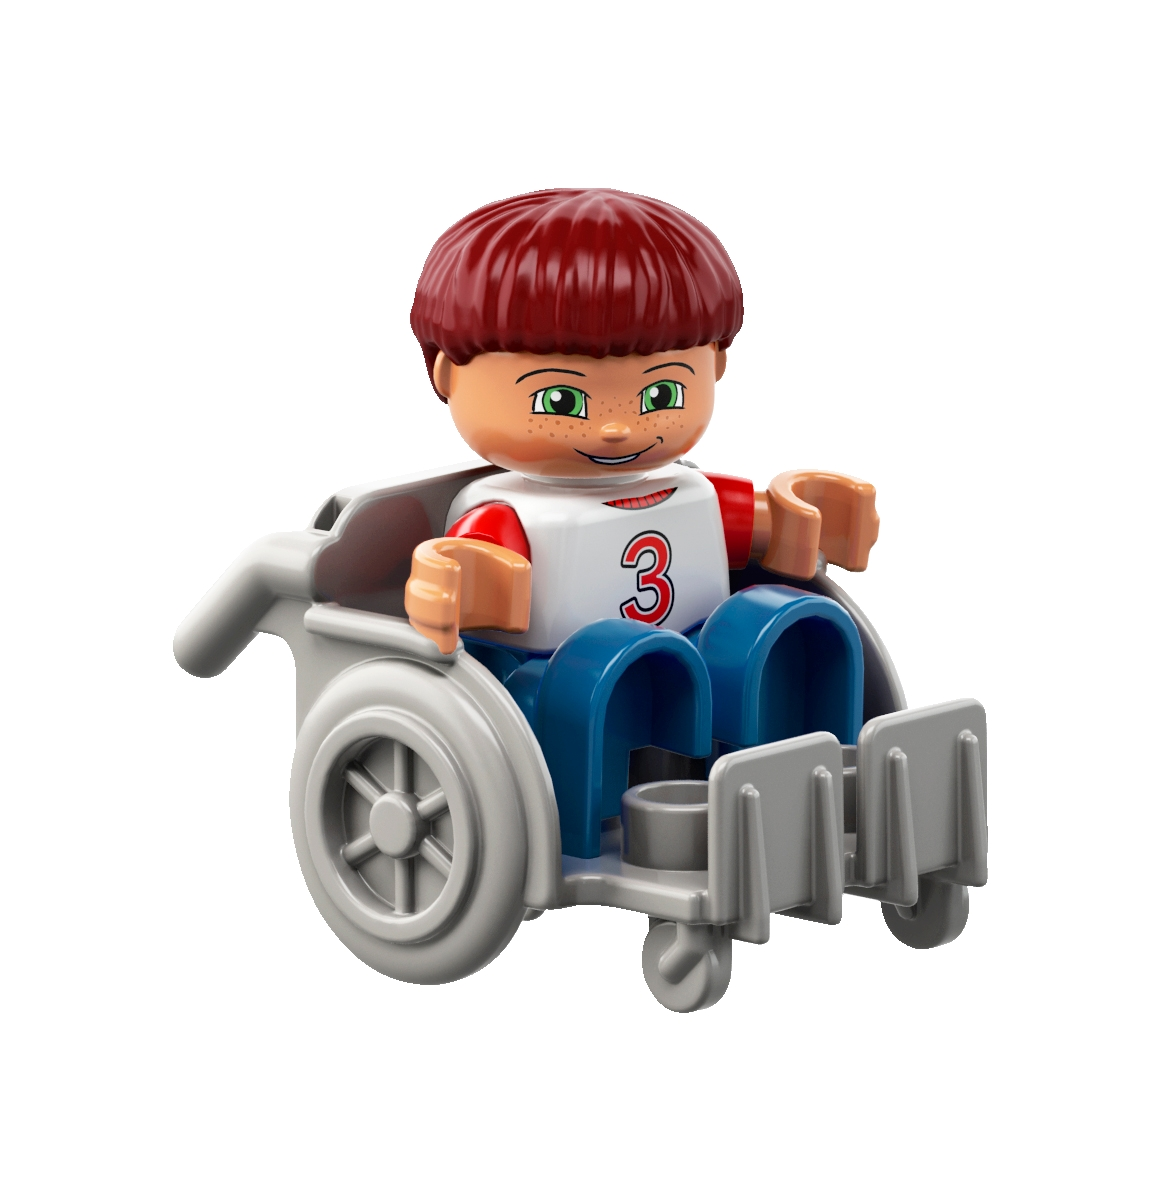 Lego Ha Messo In Produzione Il Primo Omino In Sedia A Rotelle